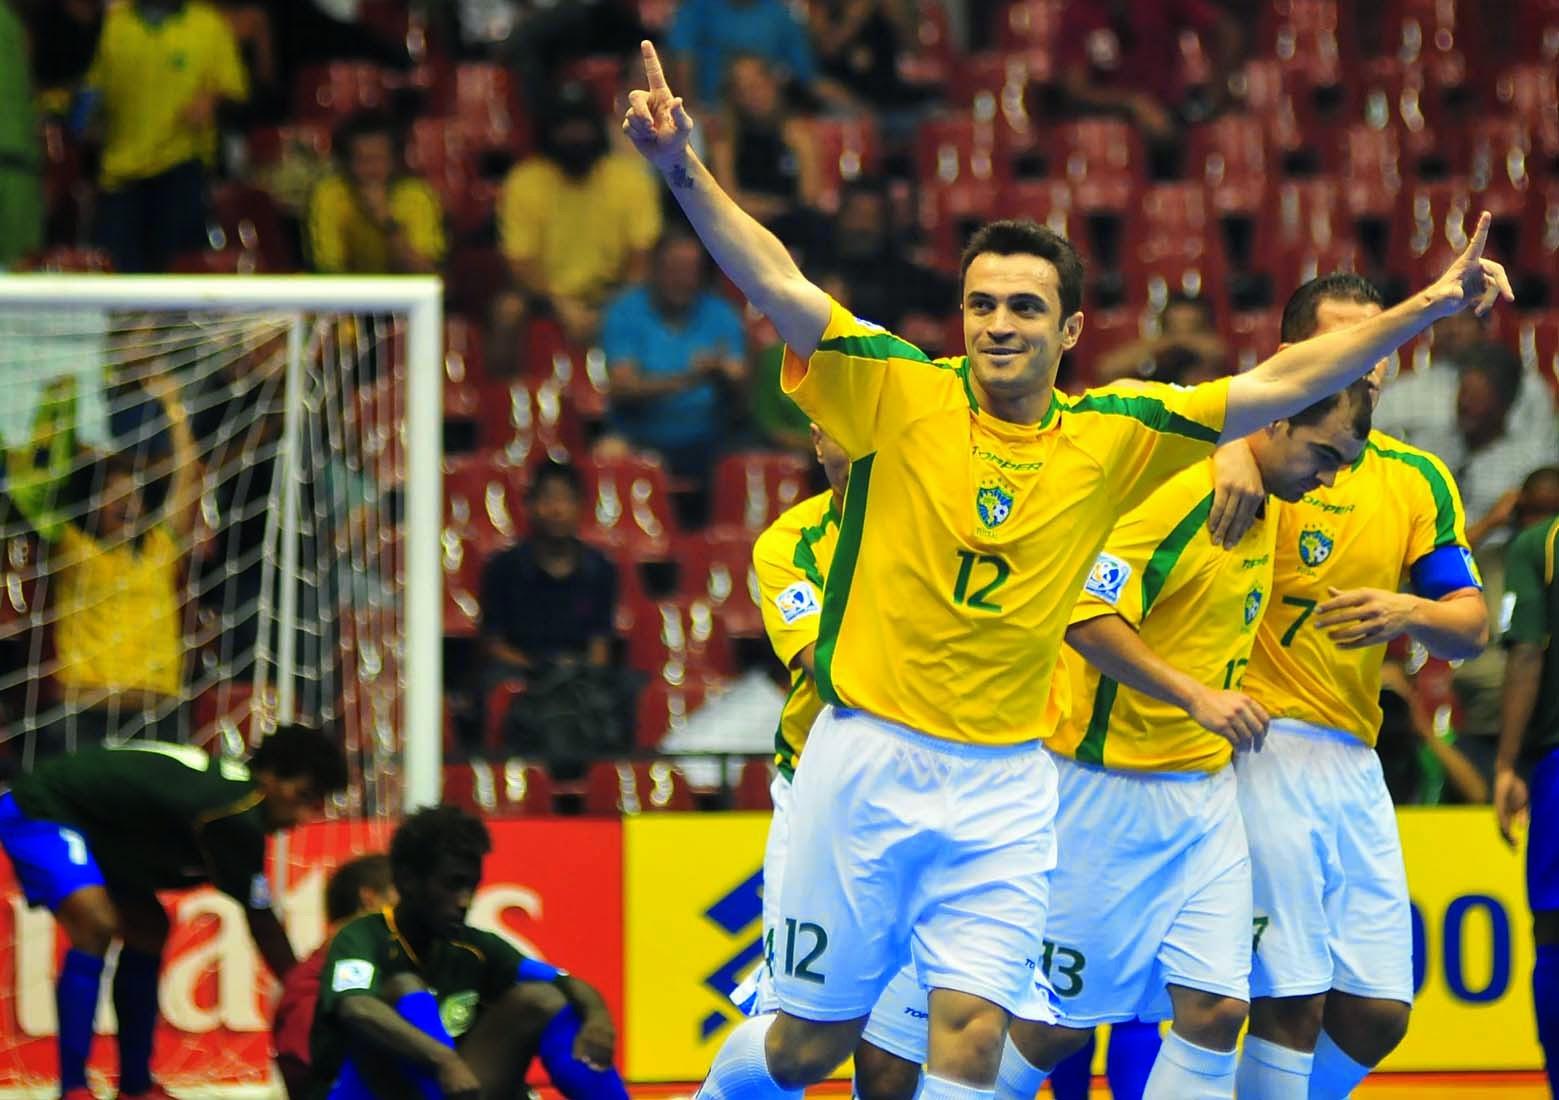 Gambar Pemain Futsal Terbaik Dunia  Aliansi kartun